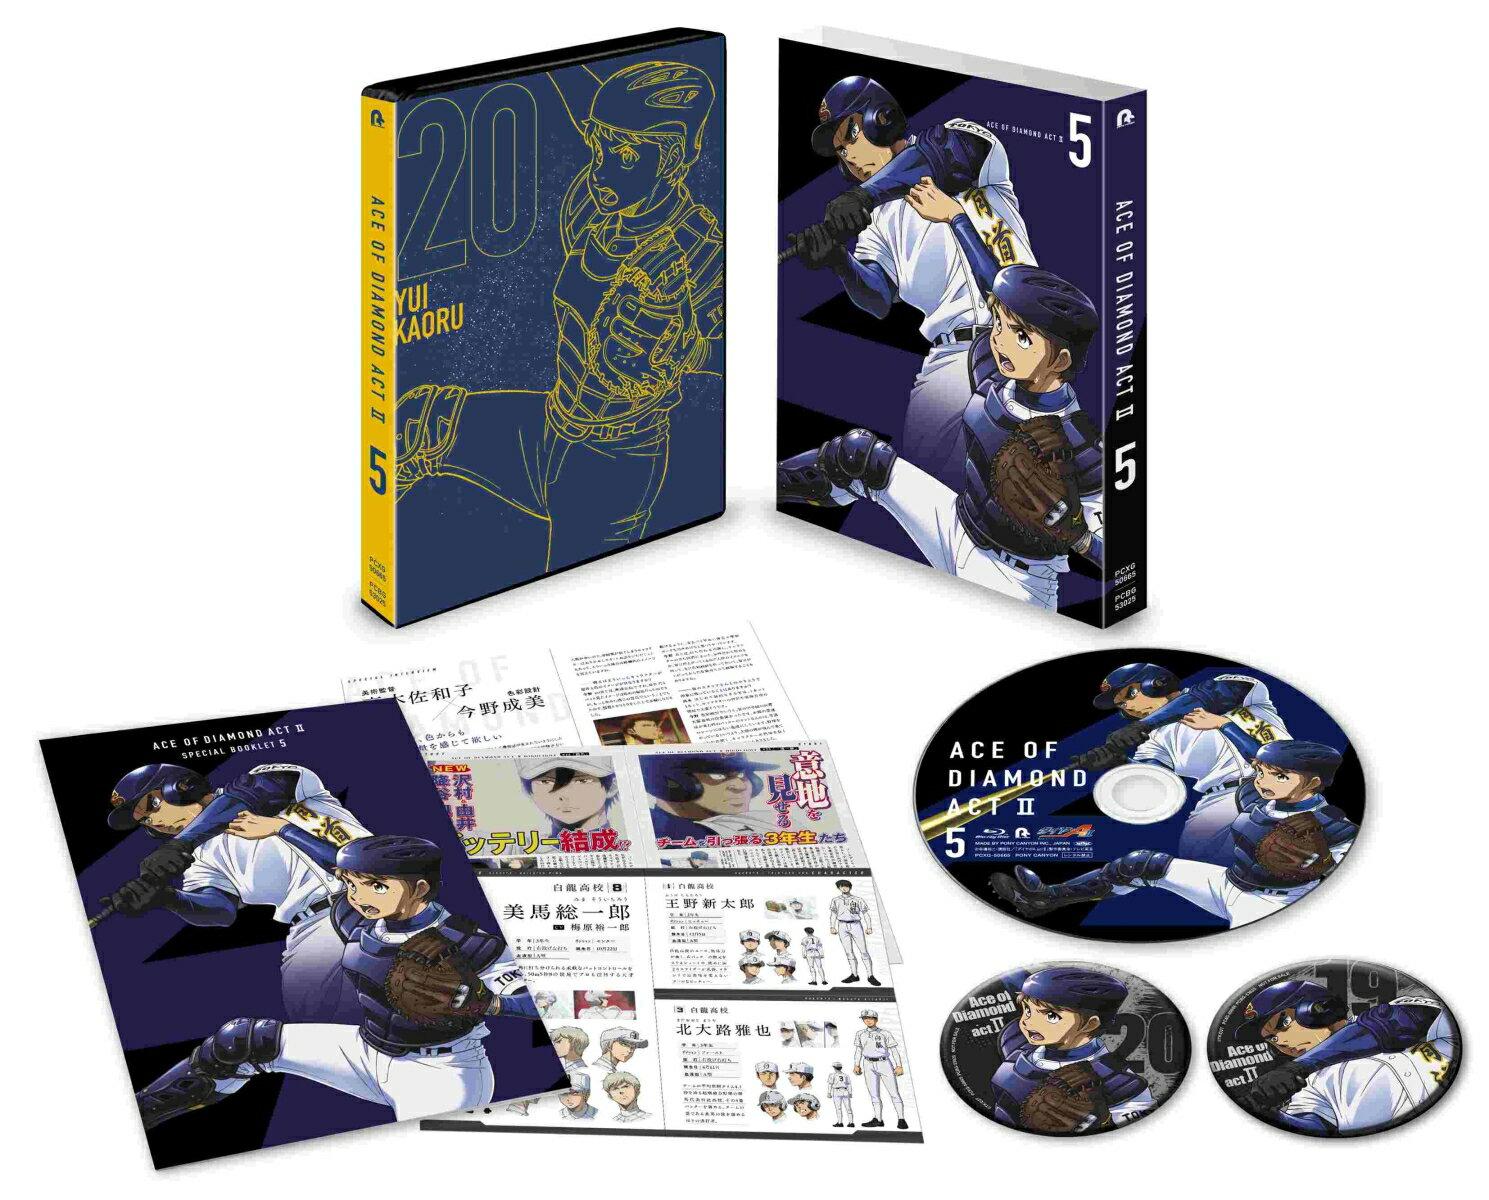 アニメ, キッズアニメ A actII Blu-ray Vol.5Blu-ray